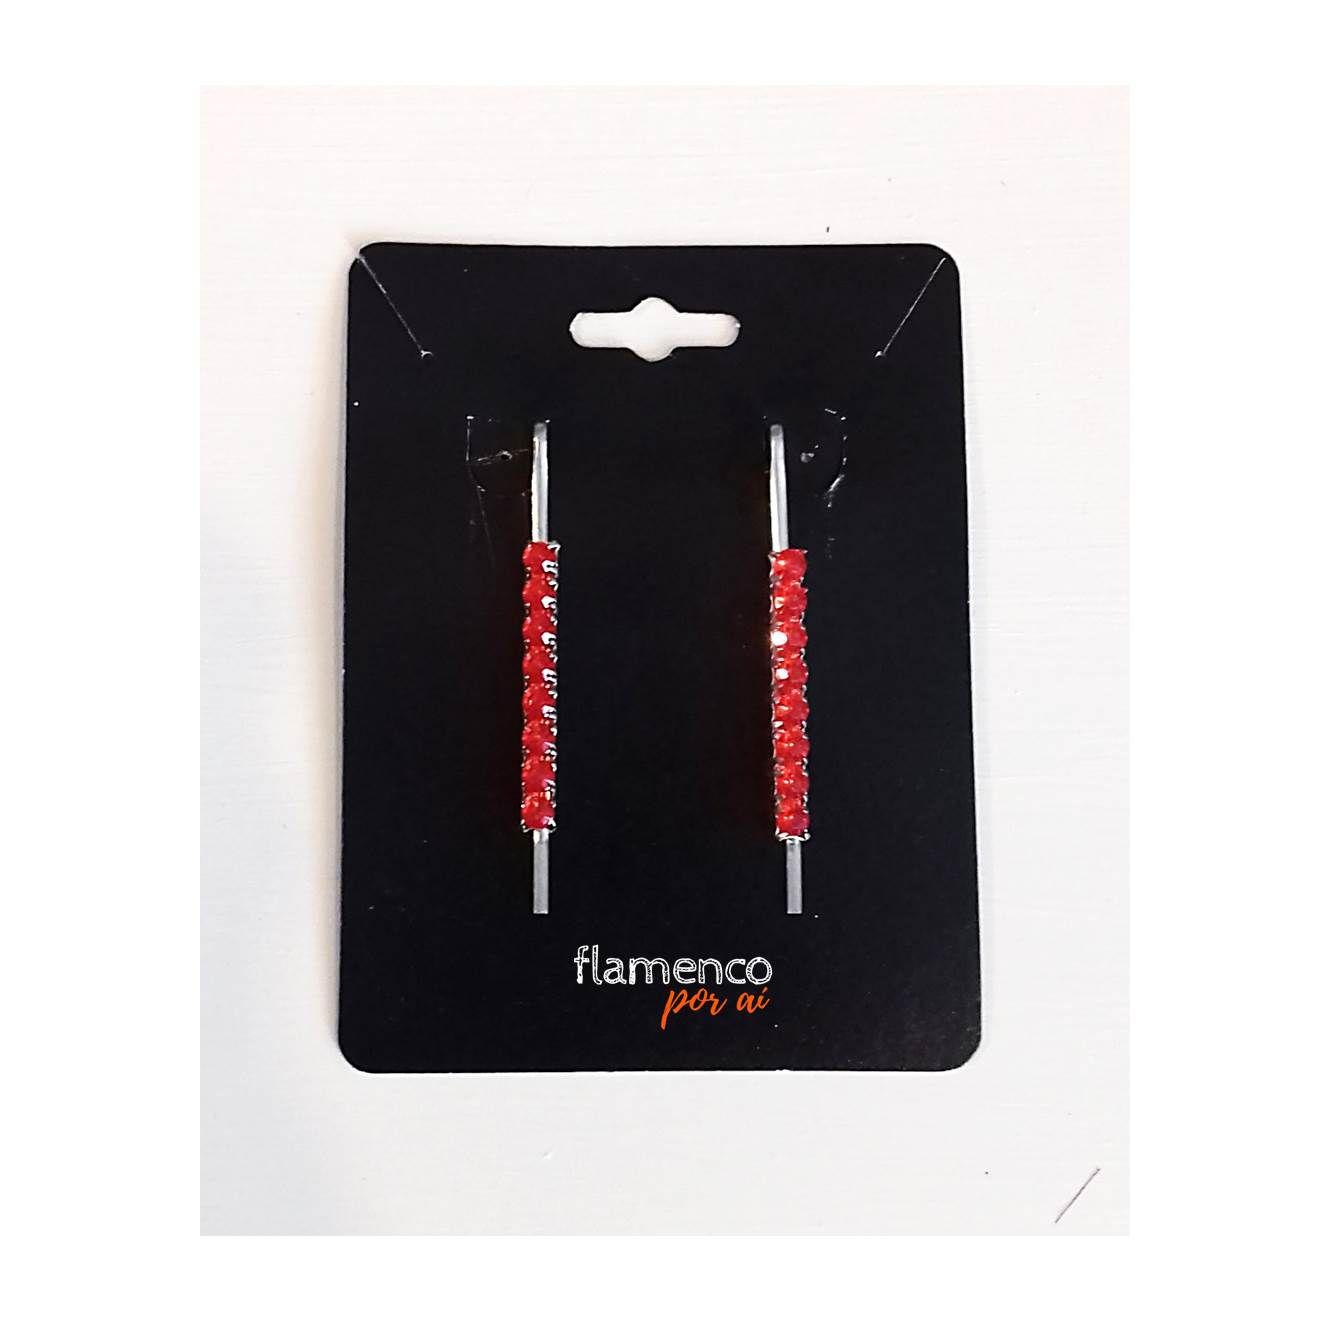 GRAMPOS strass colorido cabelo flamenco par